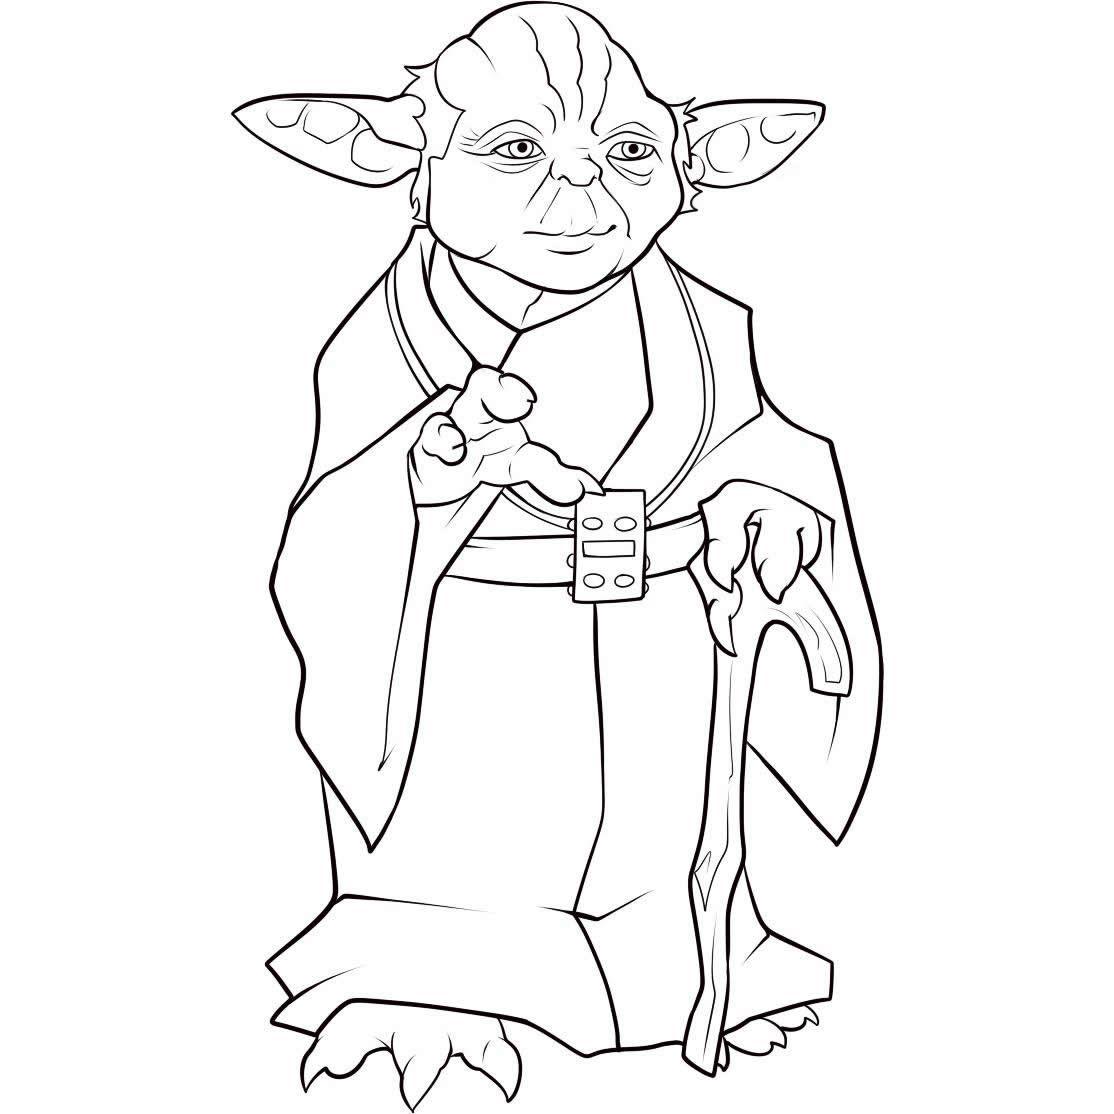 Dibujos De Yoda Para Colorear Y Pintar Imprimir Clipart - Free ...